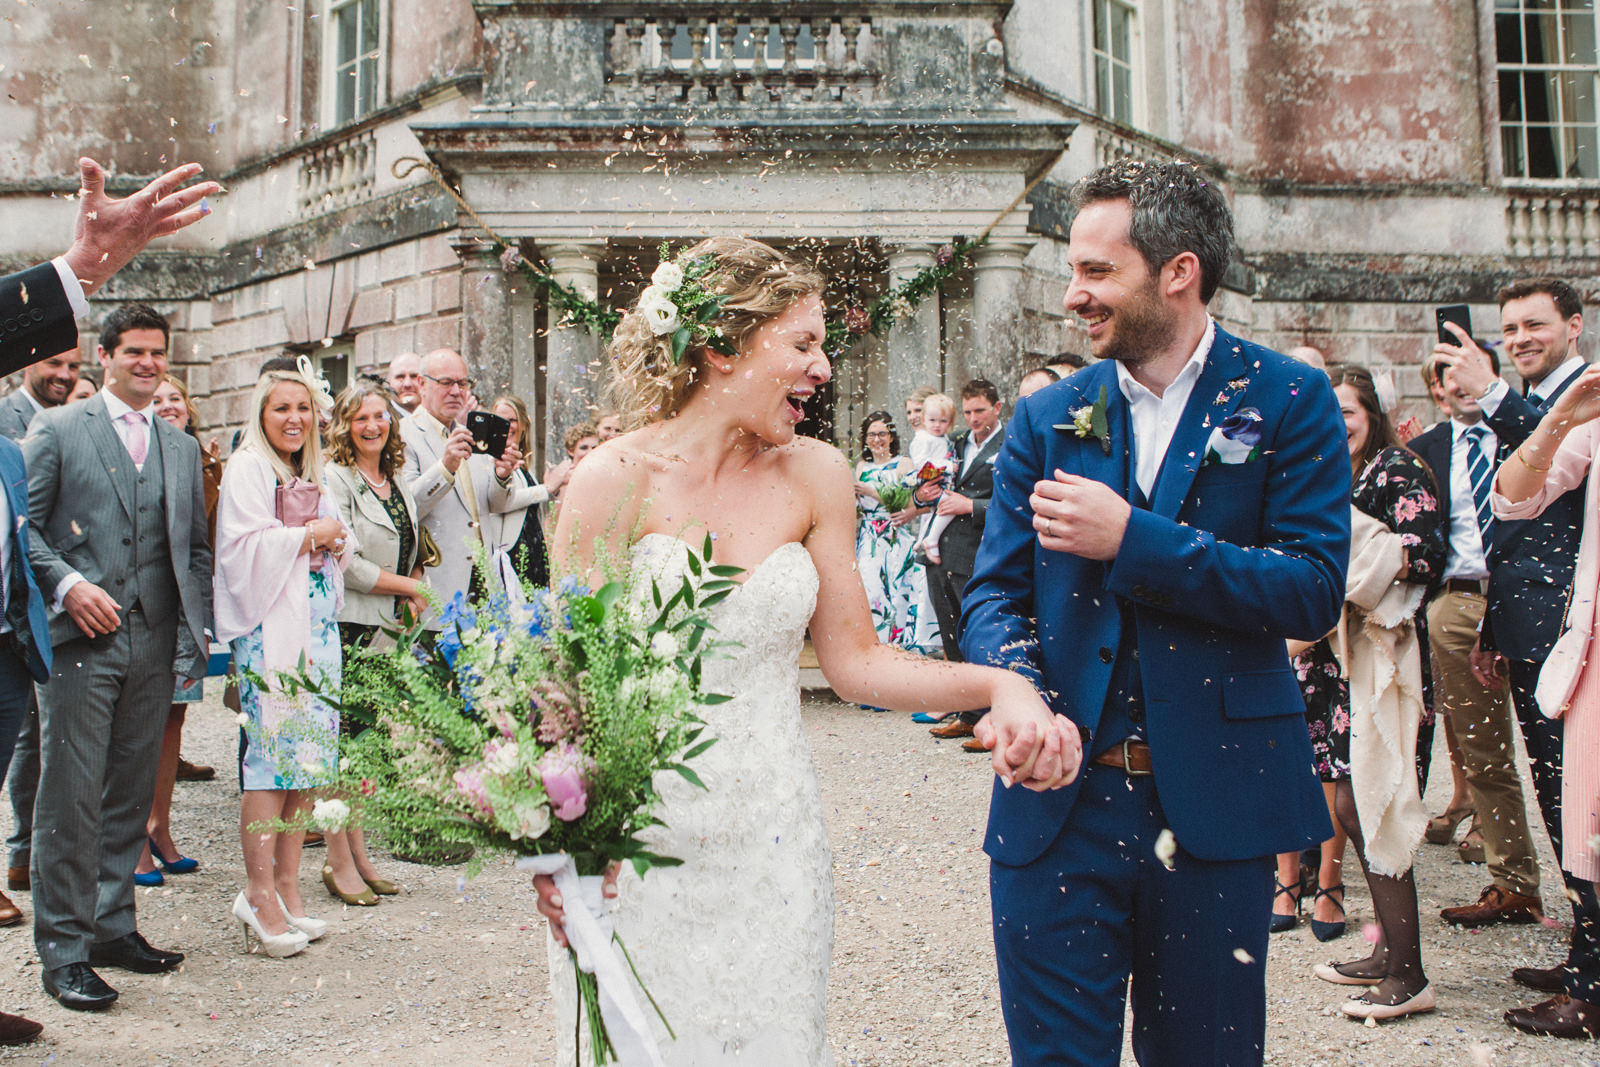 Wedding couple in confetti